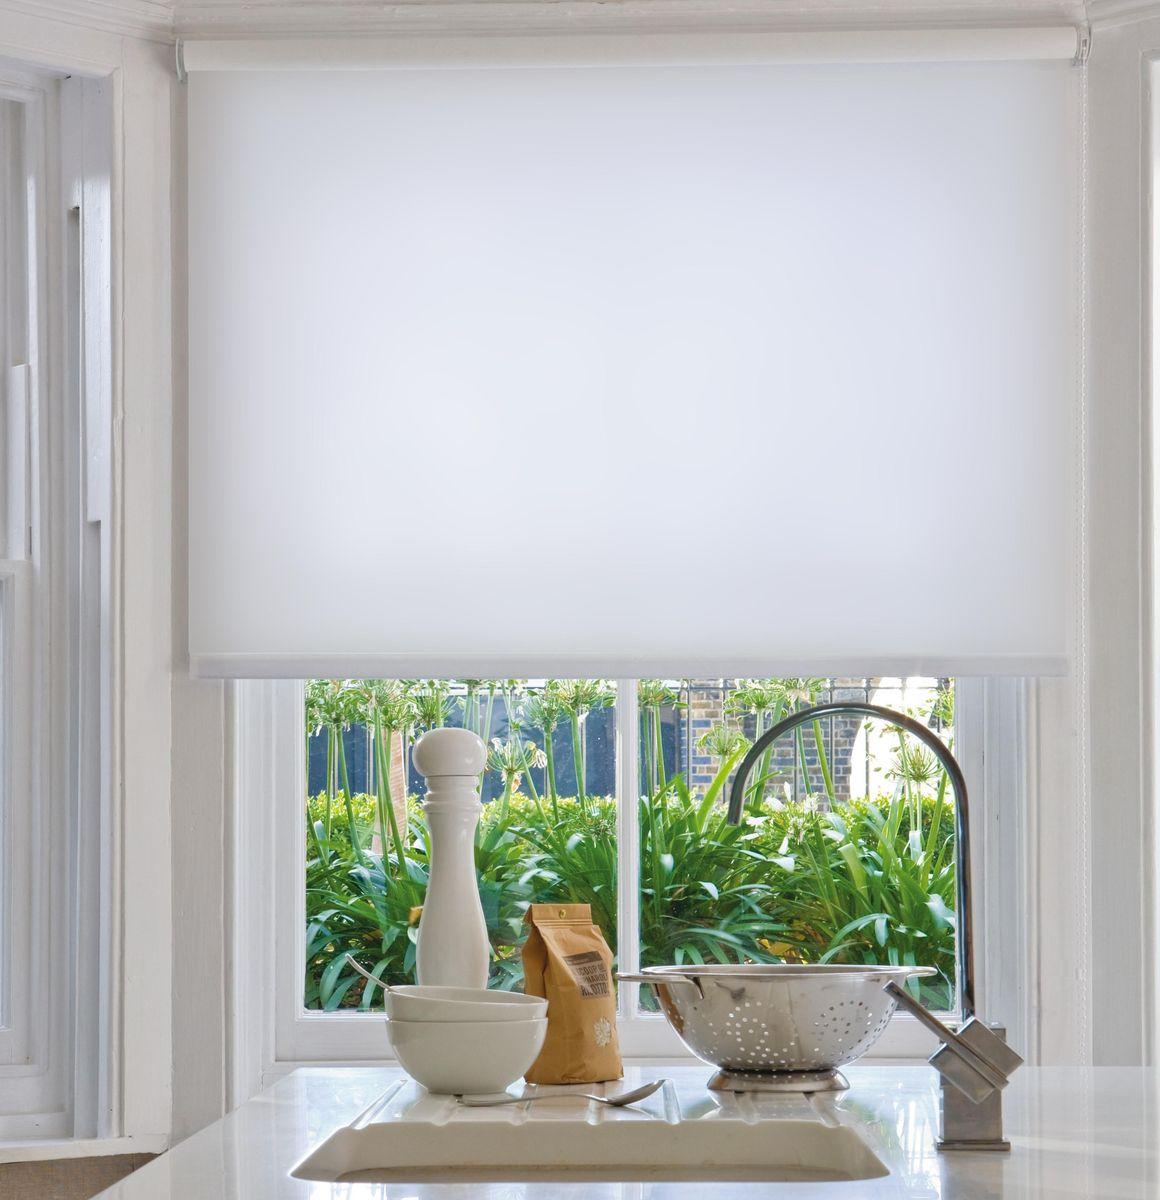 Штора рулонная Эскар, цвет: белый, ширина 130 см, высота 170 см8008130170Рулонными шторами можно оформлять окна как самостоятельно, так и использовать в комбинации с портьерами. Это поможет предотвратить выгорание дорогой ткани на солнце и соединит функционал рулонных с красотой навесных. Преимущества применения рулонных штор для пластиковых окон: - имеют прекрасный внешний вид: многообразие и фактурность материала изделия отлично смотрятся в любом интерьере; - многофункциональны: есть возможность подобрать шторы способные эффективно защитить комнату от солнца, при этом она не будет слишком темной. - Есть возможность осуществить быстрый монтаж. ВНИМАНИЕ! Размеры ширины изделия указаны по ширине ткани! Во время эксплуатации не рекомендуется полностью разматывать рулон, чтобы не оторвать ткань от намоточного вала. В случае загрязнения поверхности ткани, чистку шторы проводят одним из способов, в зависимости от типа загрязнения: легкое поверхностное загрязнение можно удалить при помощи канцелярского ластика; чистка от пыли производится сухим методом при...